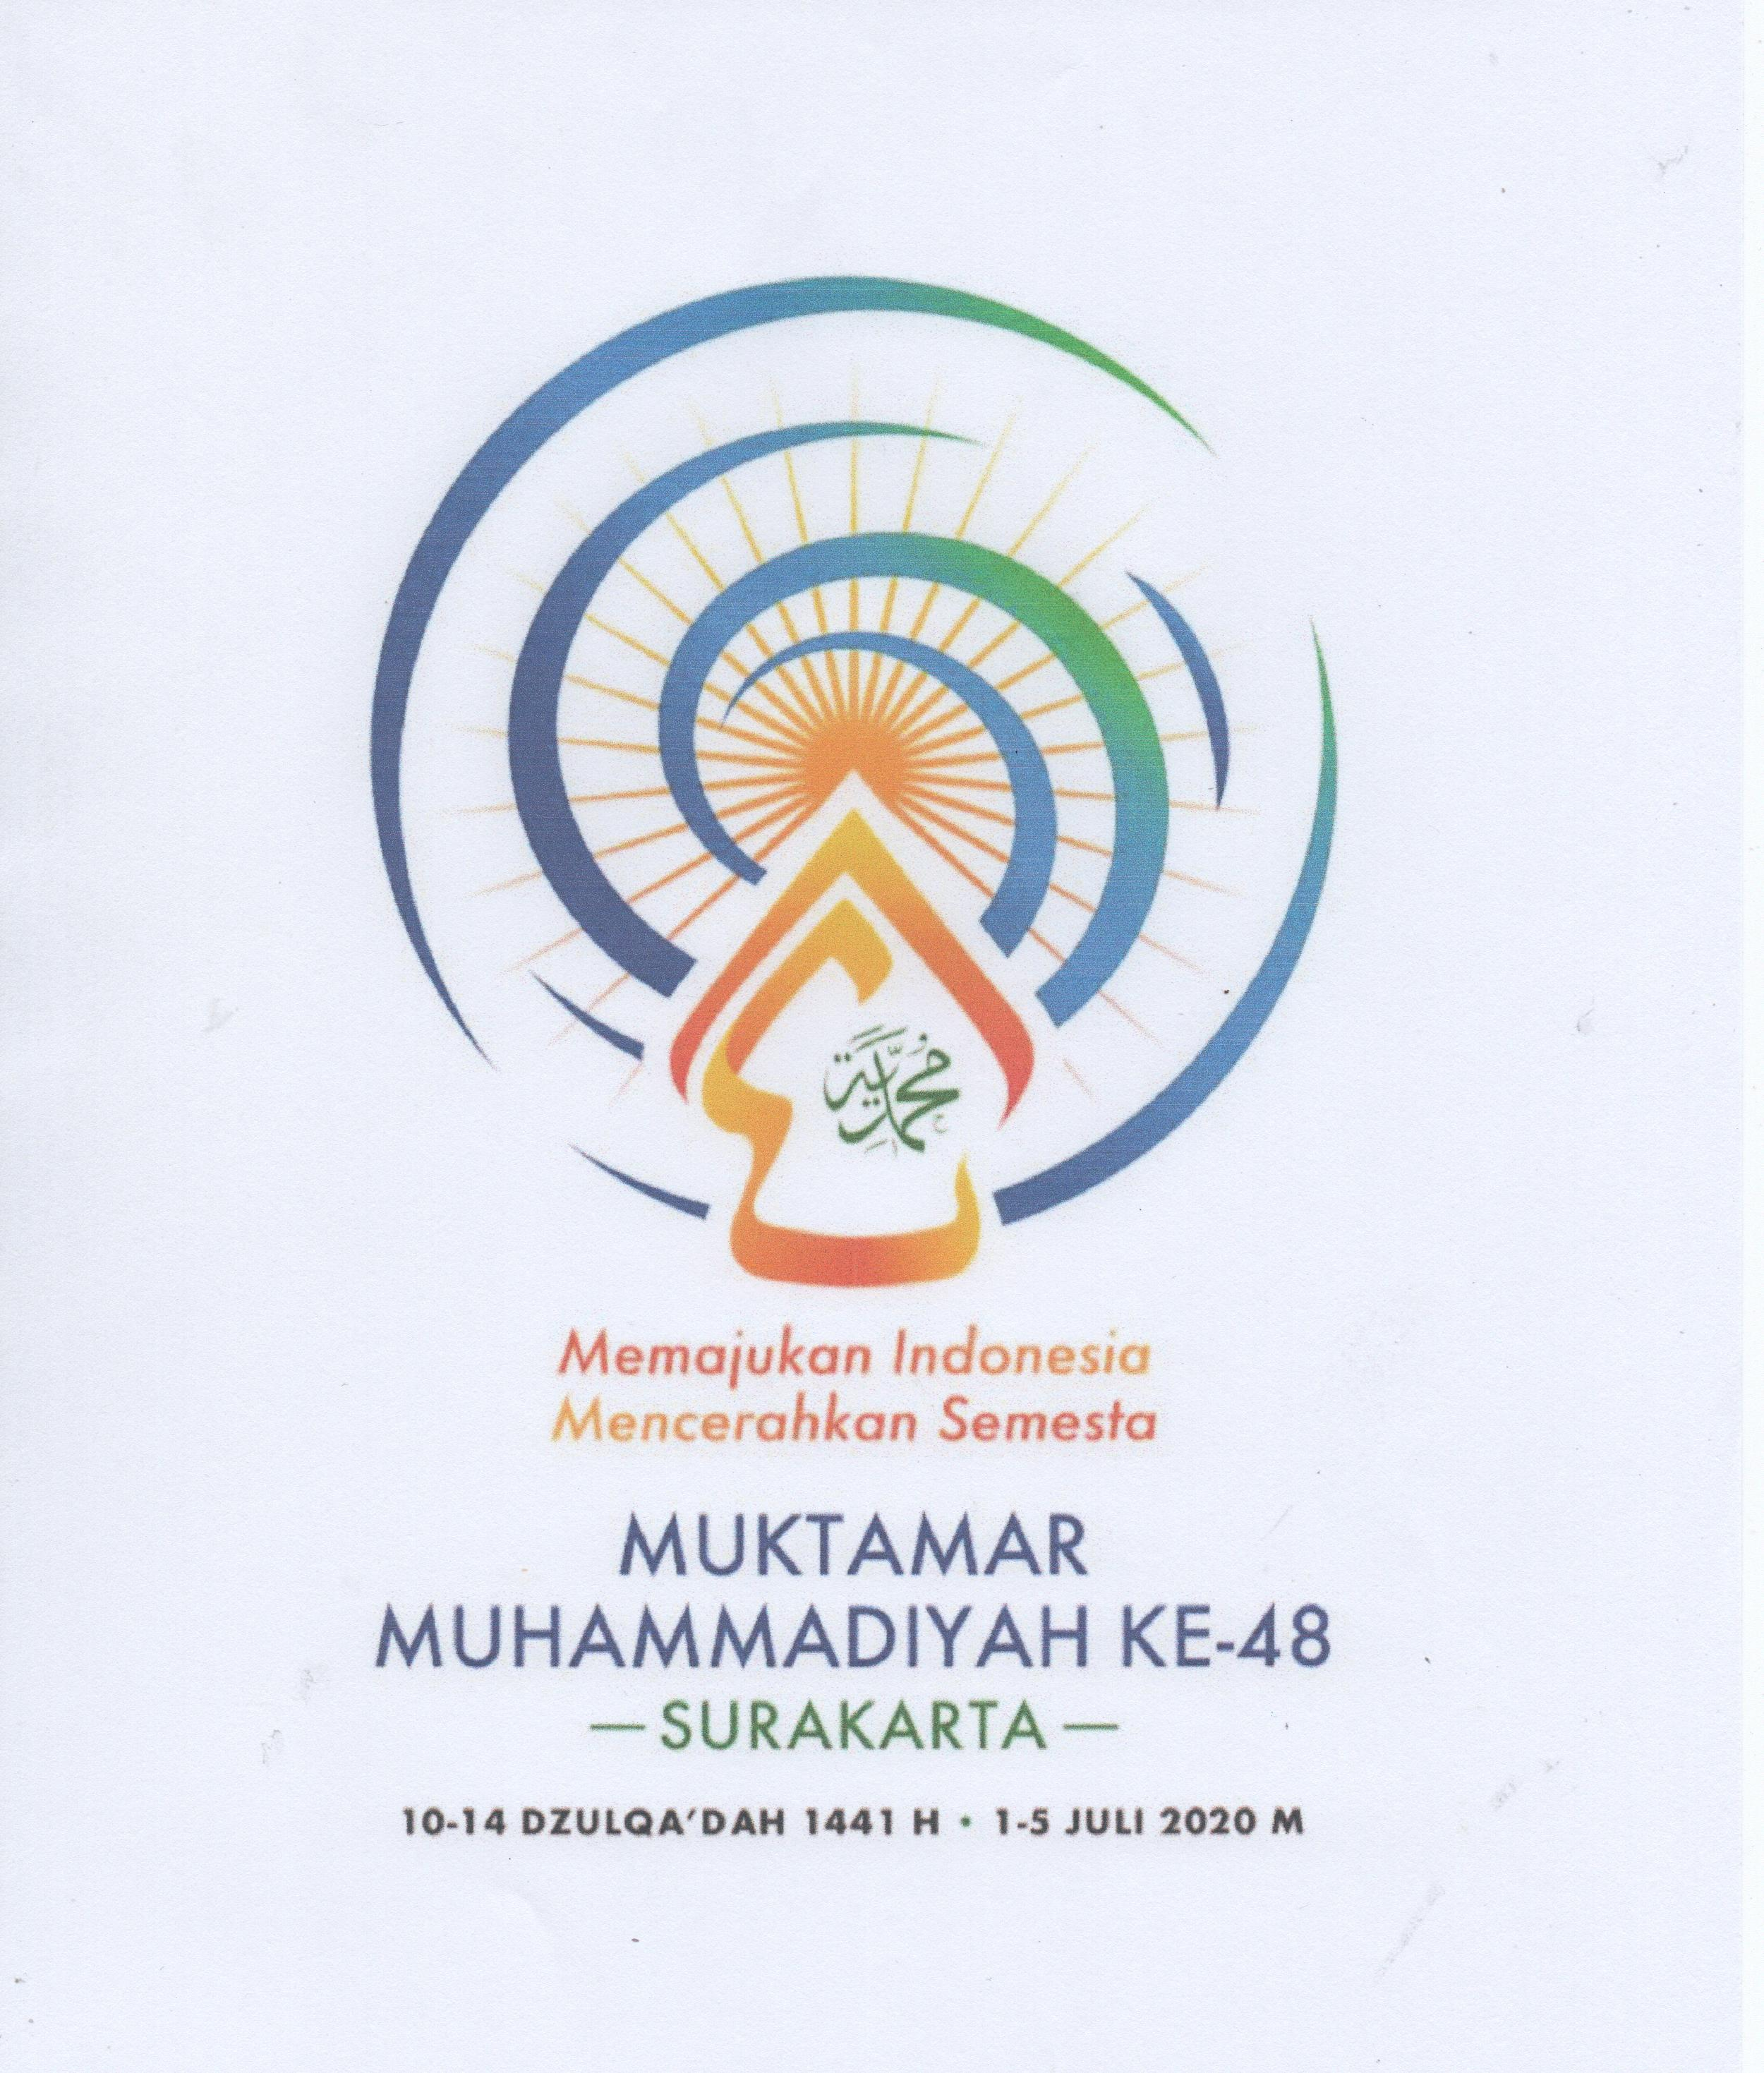 Makna Logo Resmi Muktamar Ke 48 Muhammadiyah Kwartir Pusat Gerakan Kepanduan Hizbul Wathan